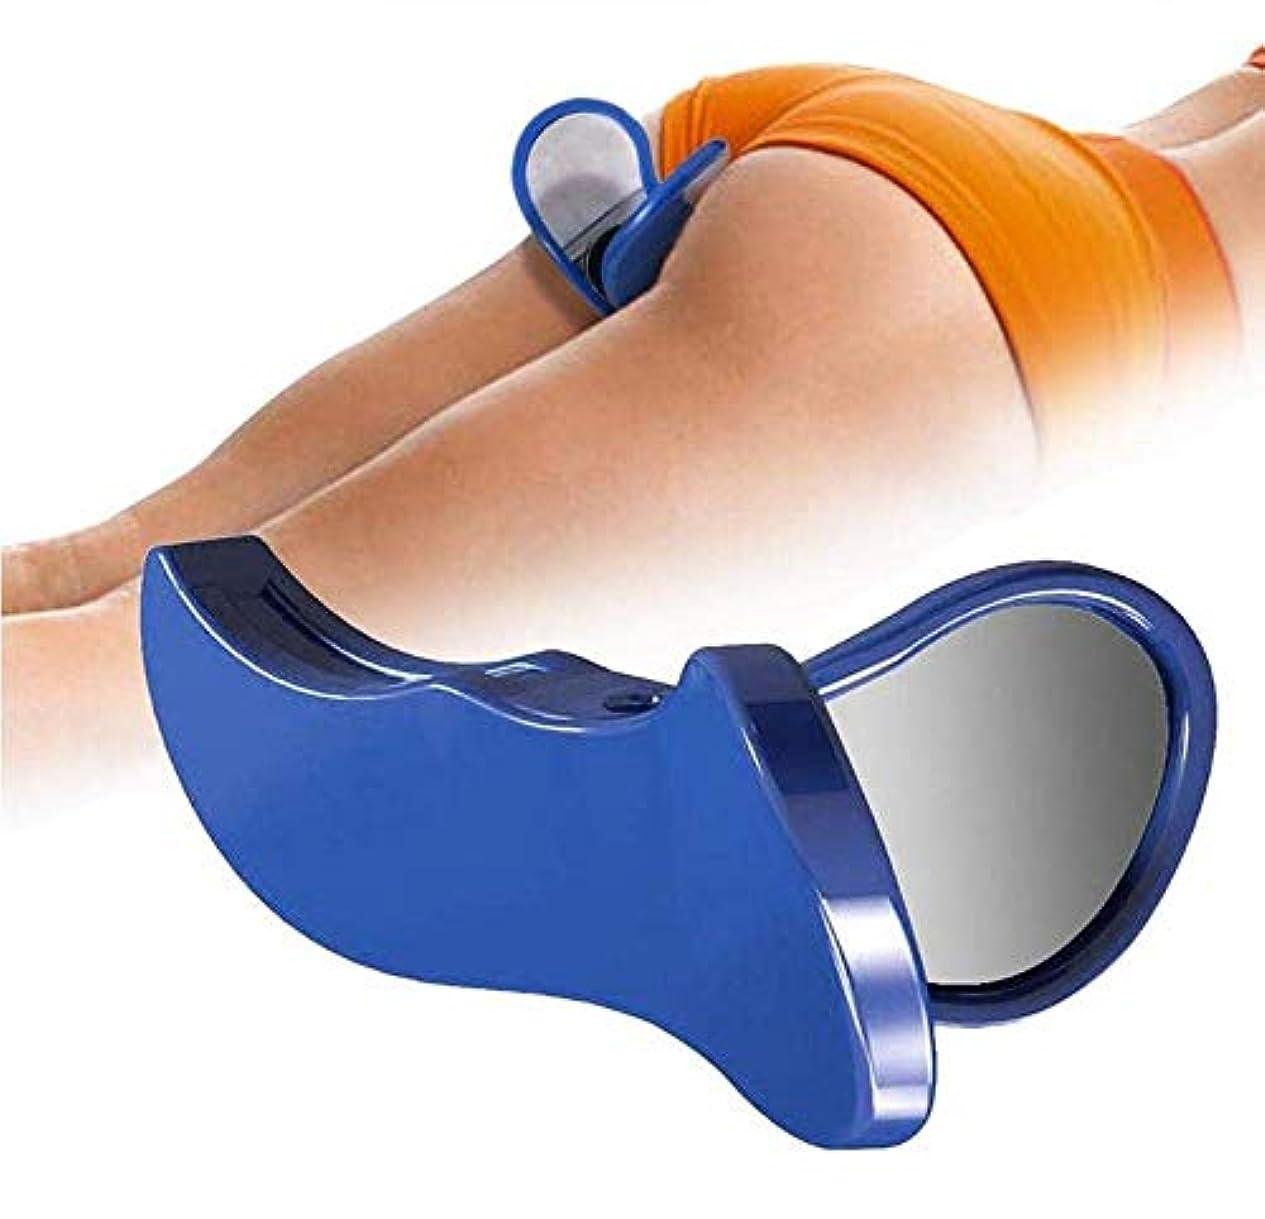 蓄積する六月大いにBut部トレーナー、スーパーケーゲルエクササイザー膀胱制御装置ポータブルヒップボディービル脂肪燃焼フィットネス機器骨盤底運動マッサージクランプ